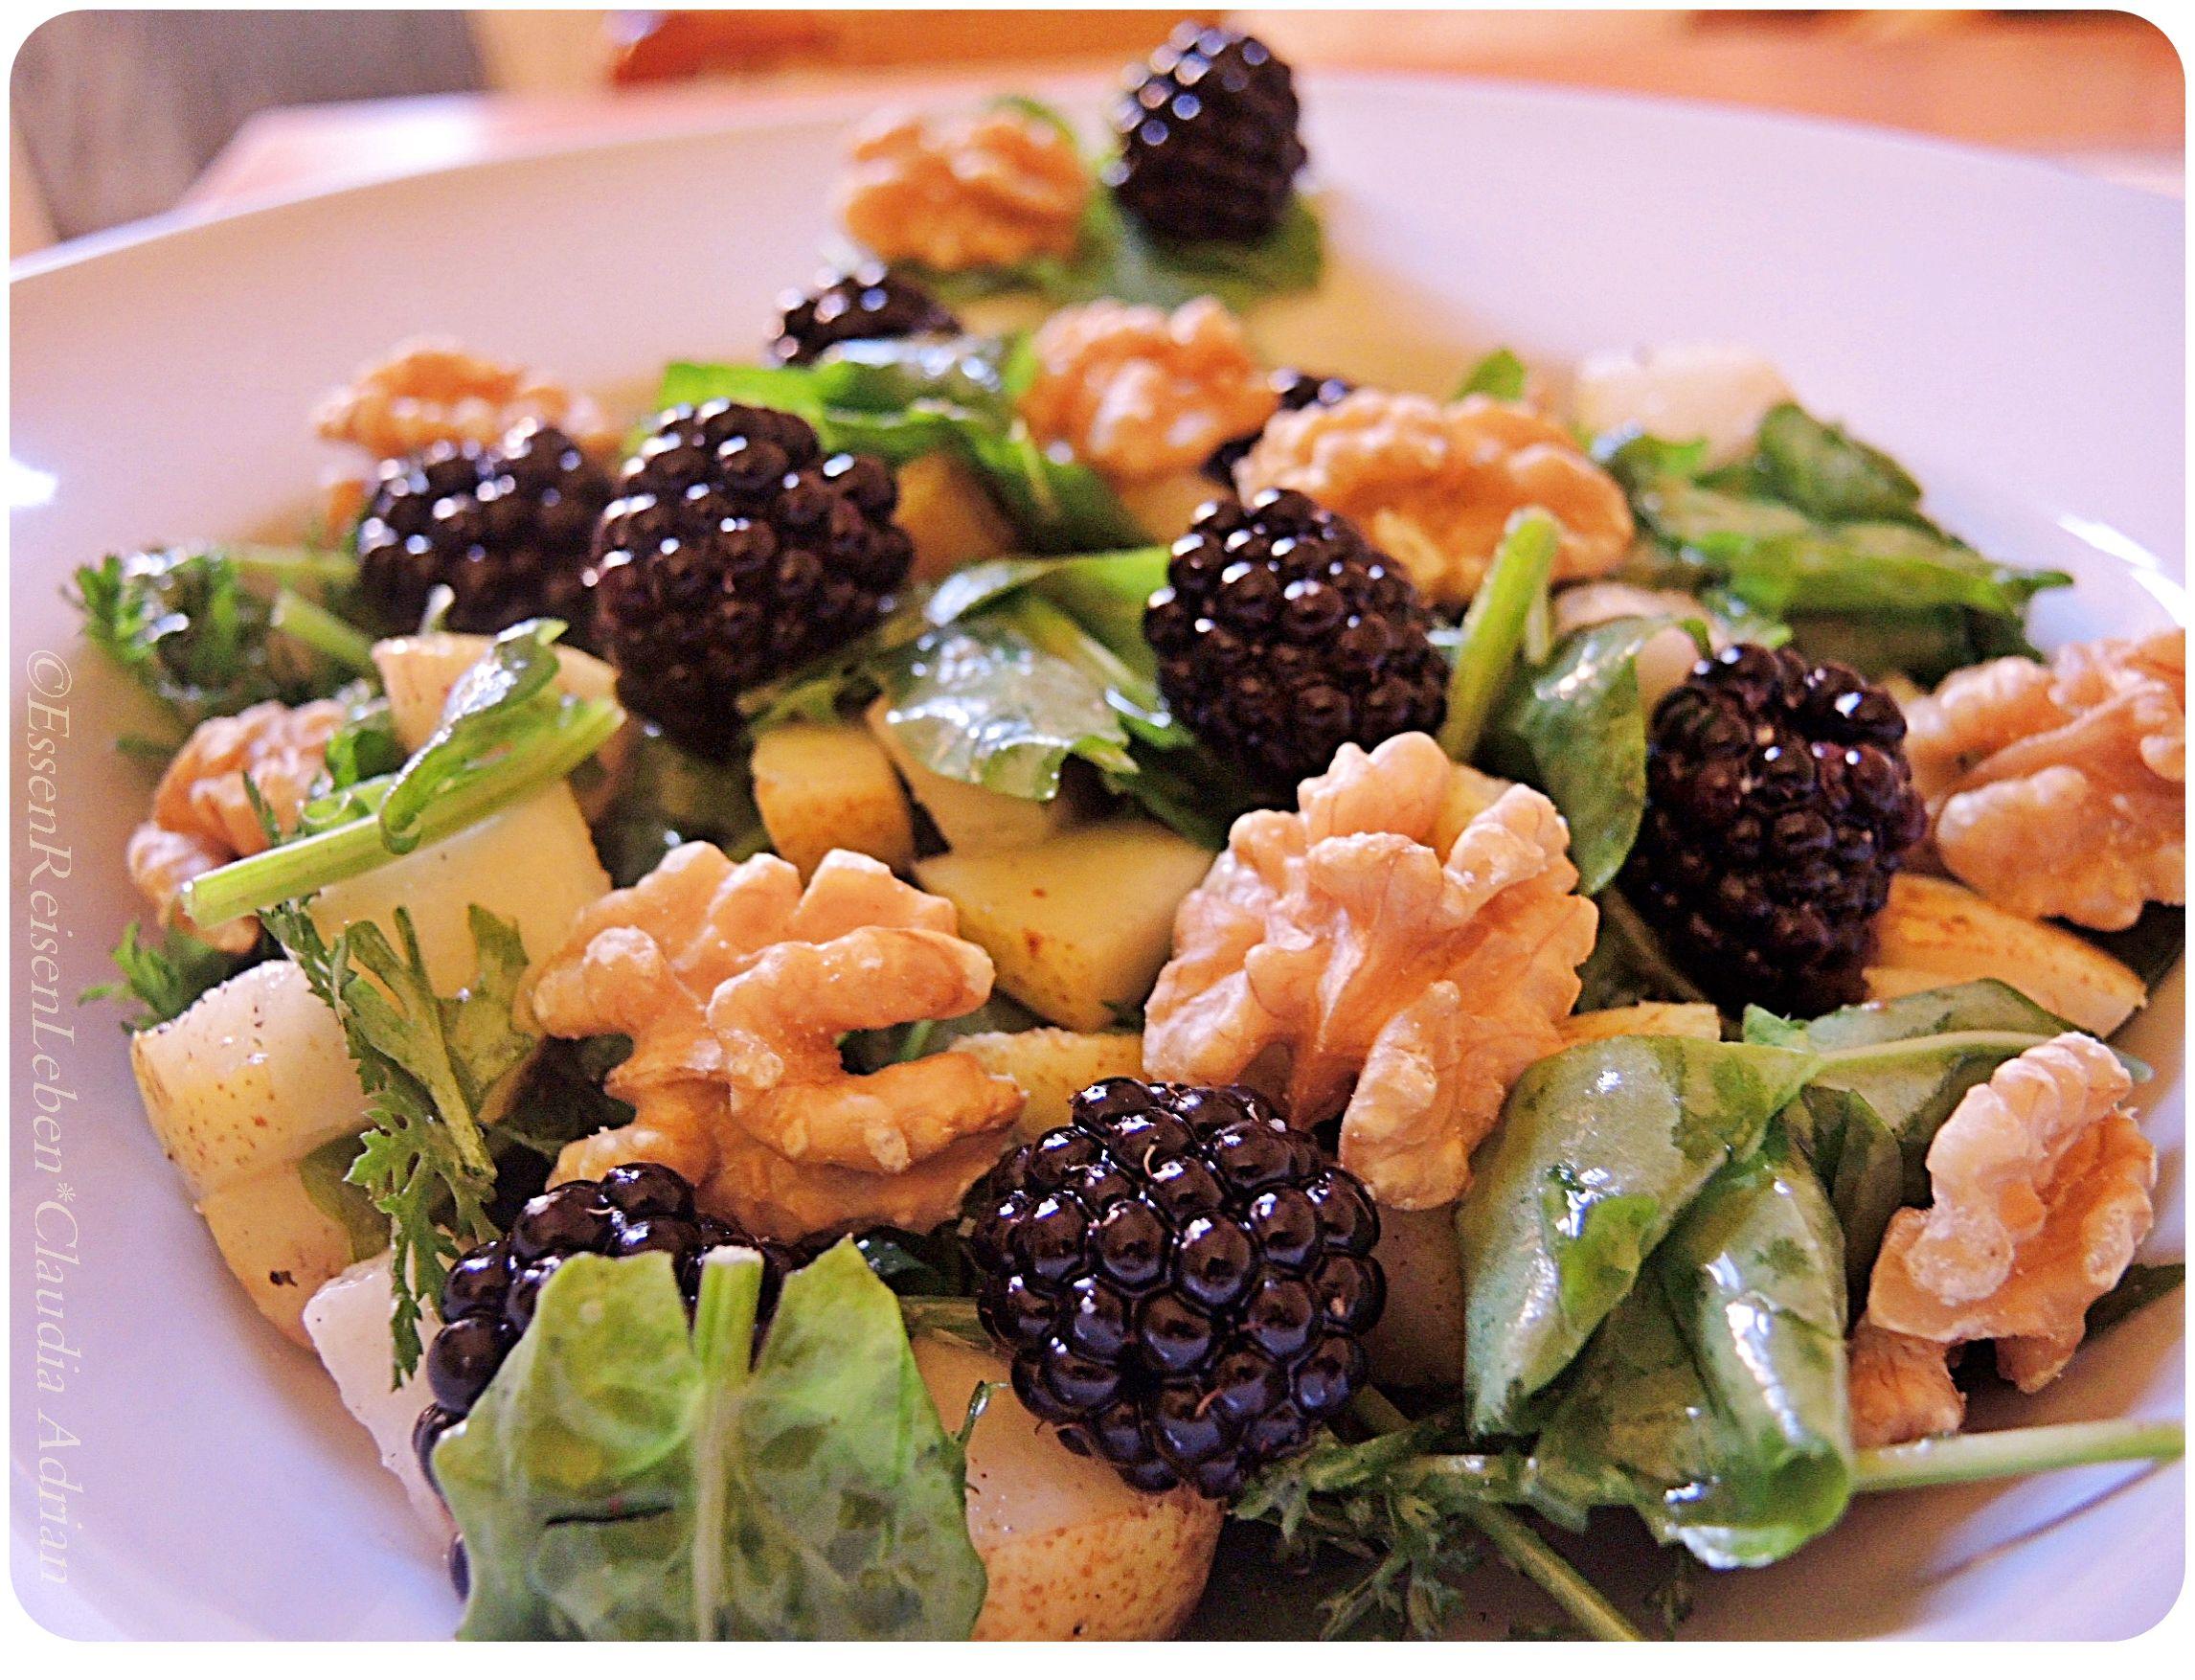 Sommerliche Salatkreation: Kräutersalat, Brombeeren, Walnüsse und Birne  #Sommer #Brombeeren #EssenReisenLeben www.facebook.com/EssenReisenLeben